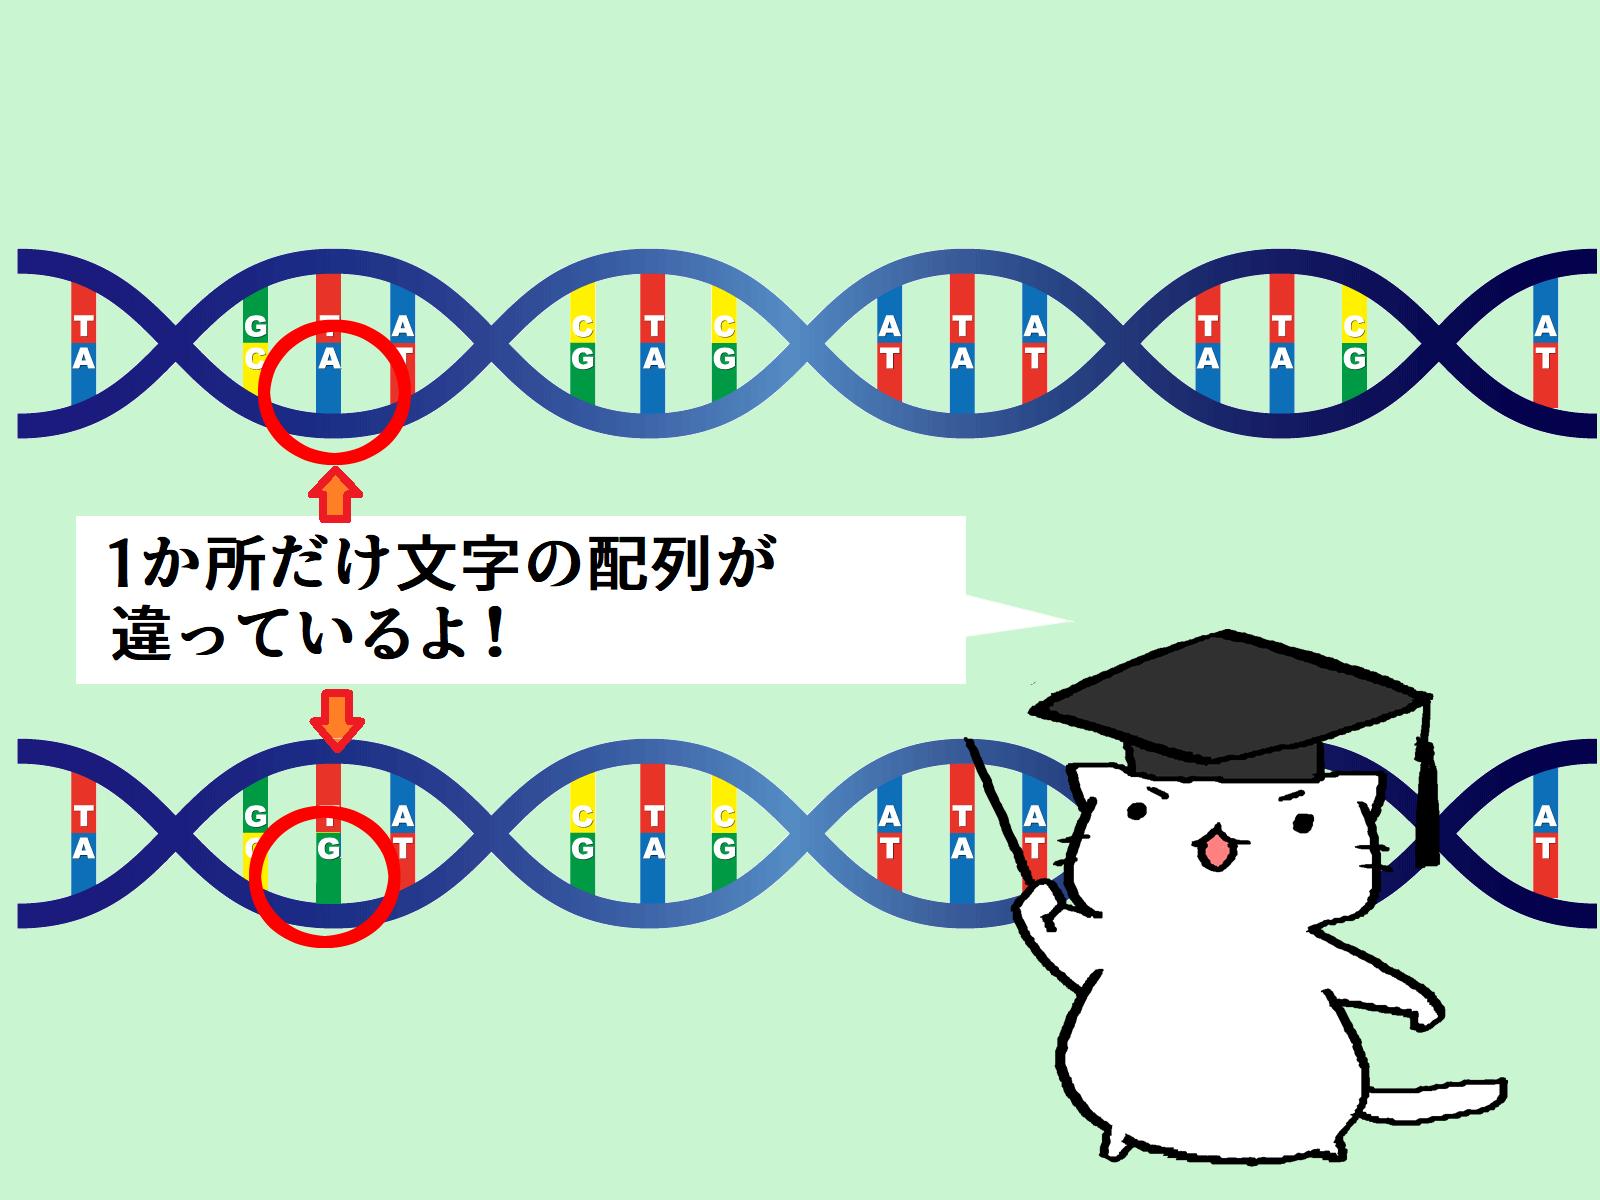 遺伝子の文字配列のわずかな違い